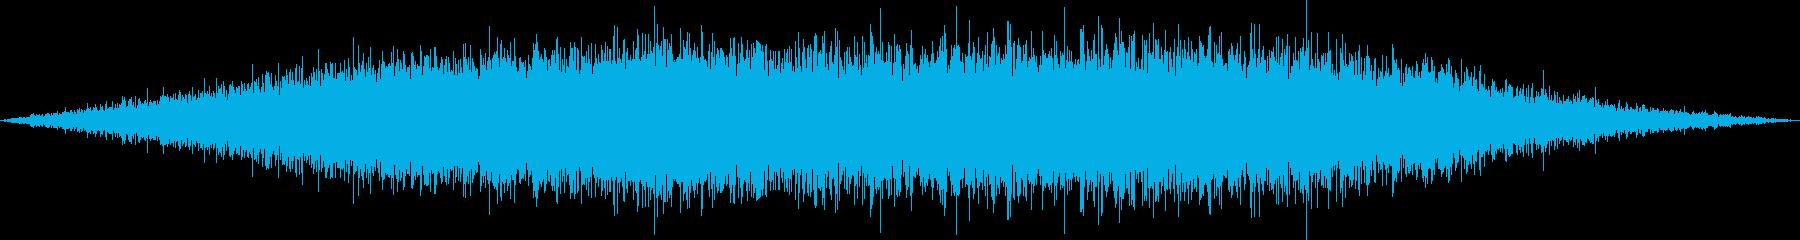 新幹線発車の再生済みの波形